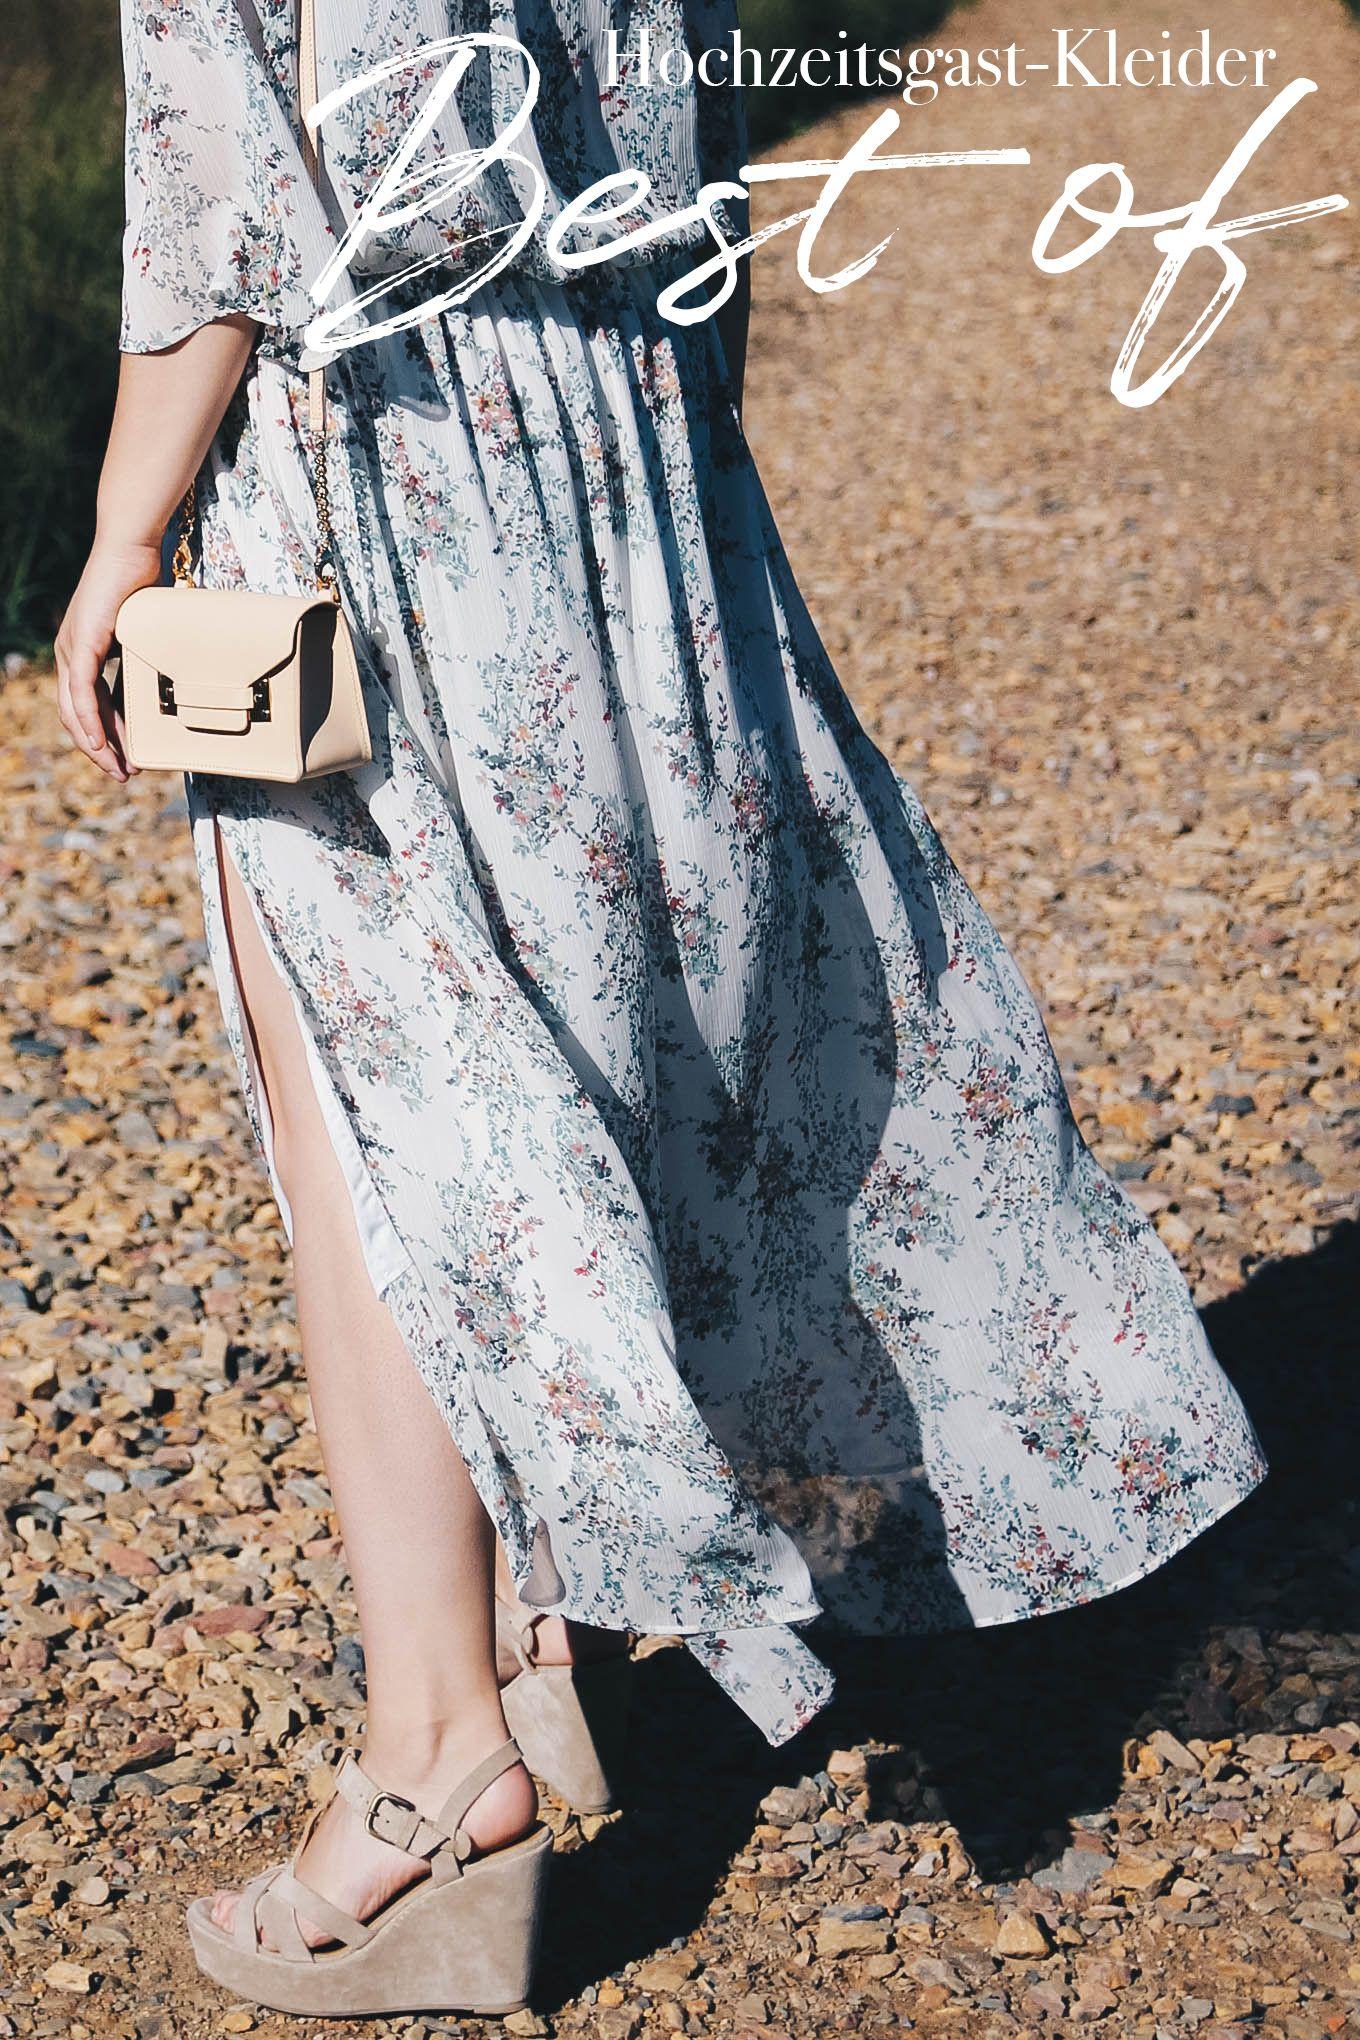 Dresscode Hochzeit: Die schönsten Kleider für ...